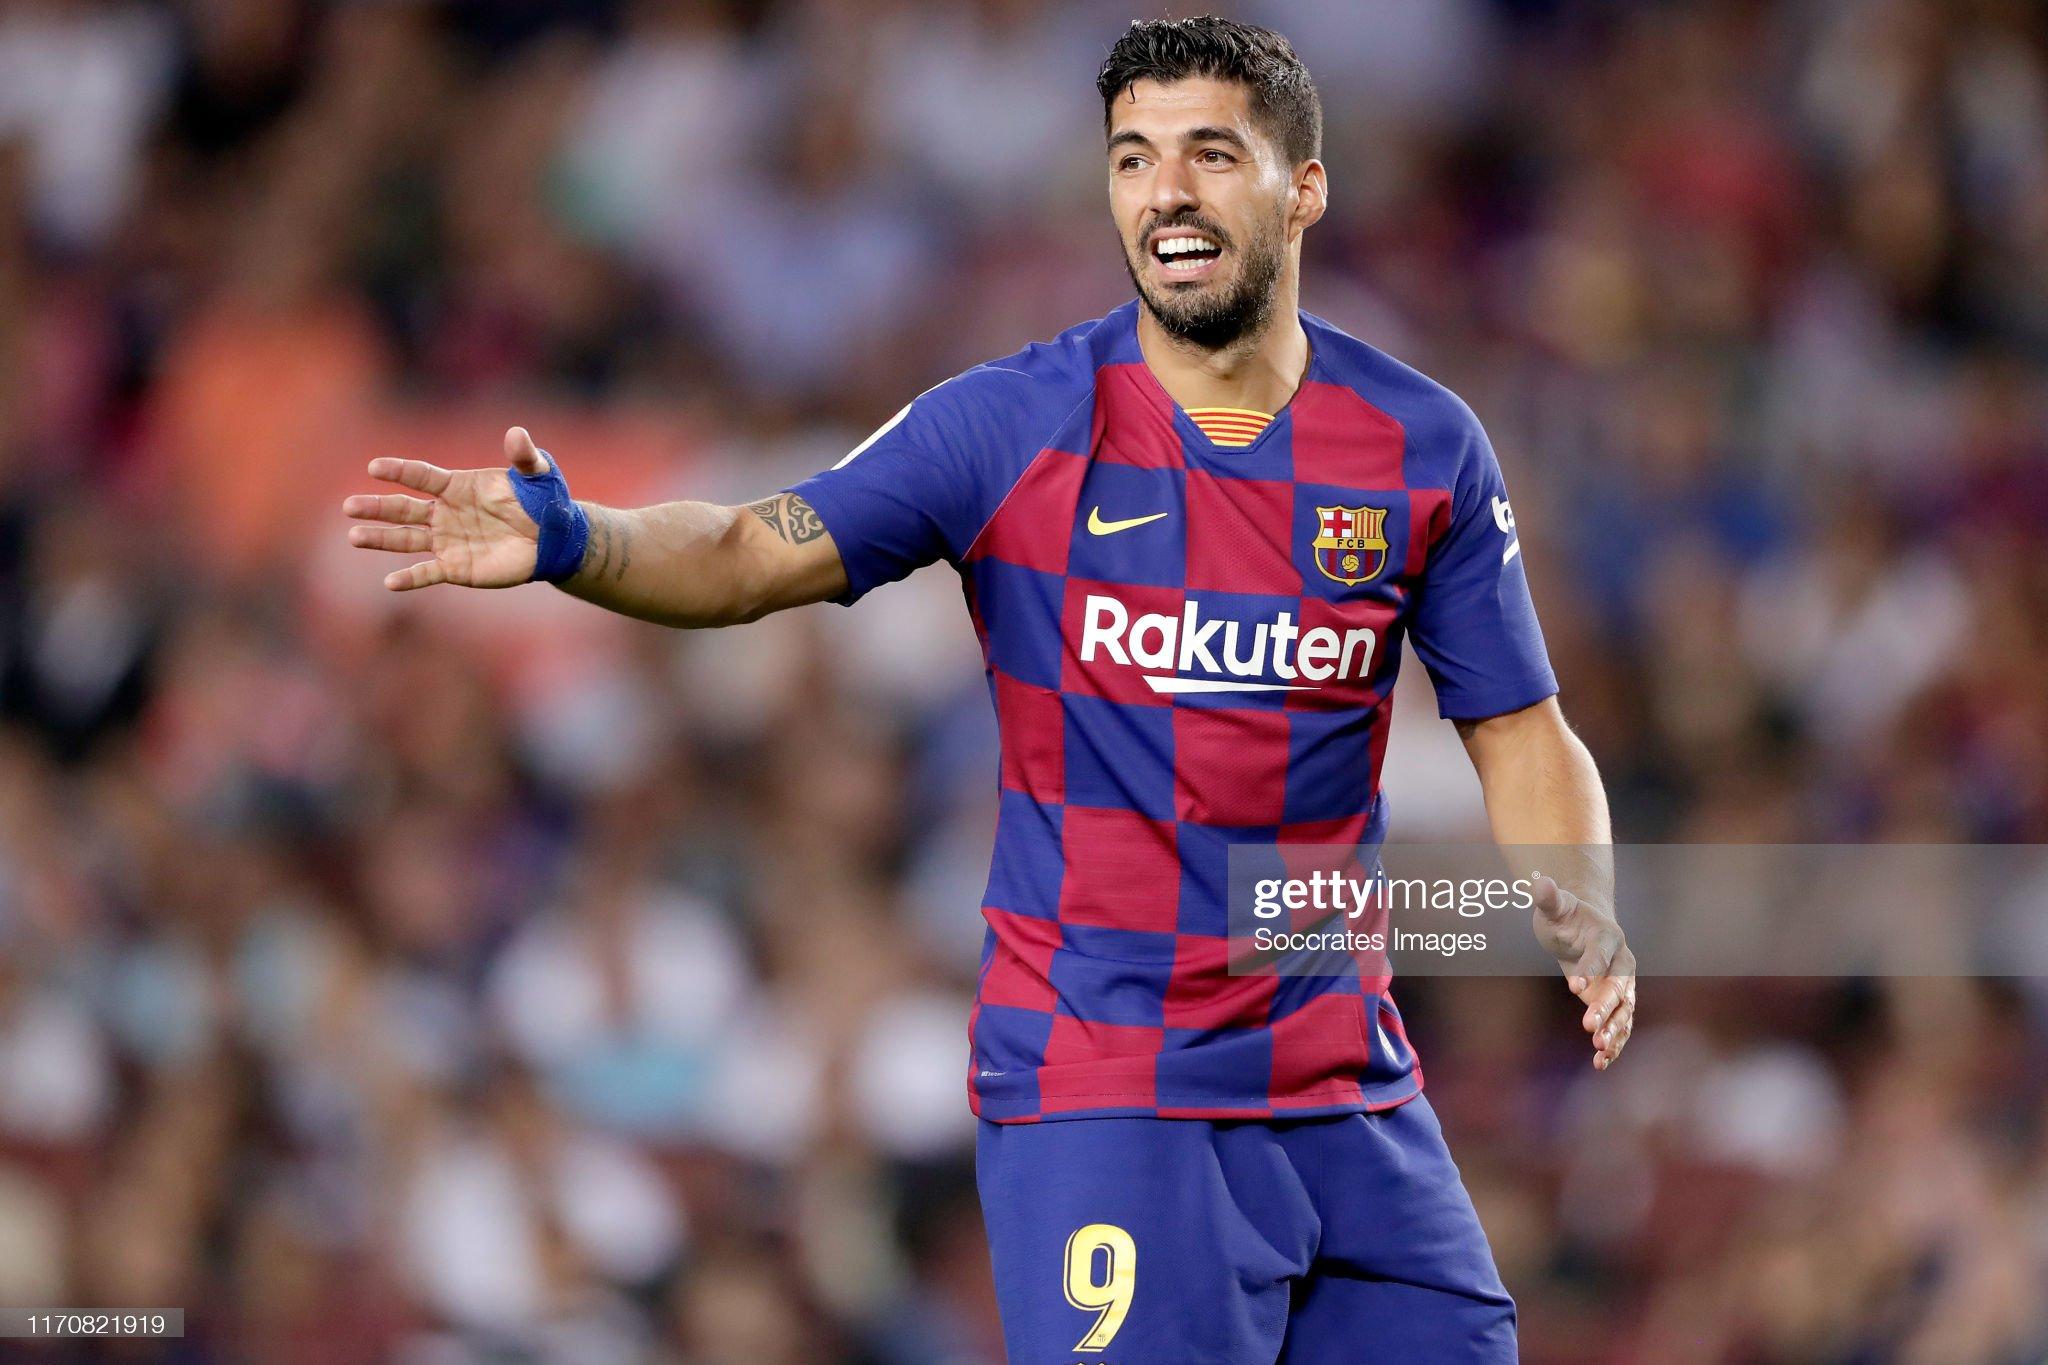 صور مباراة : برشلونة - فياريال 2-1 ( 24-09-2019 )  Luis-suarez-of-fc-barcelona-during-the-la-liga-santander-match-fc-v-picture-id1170821919?s=2048x2048